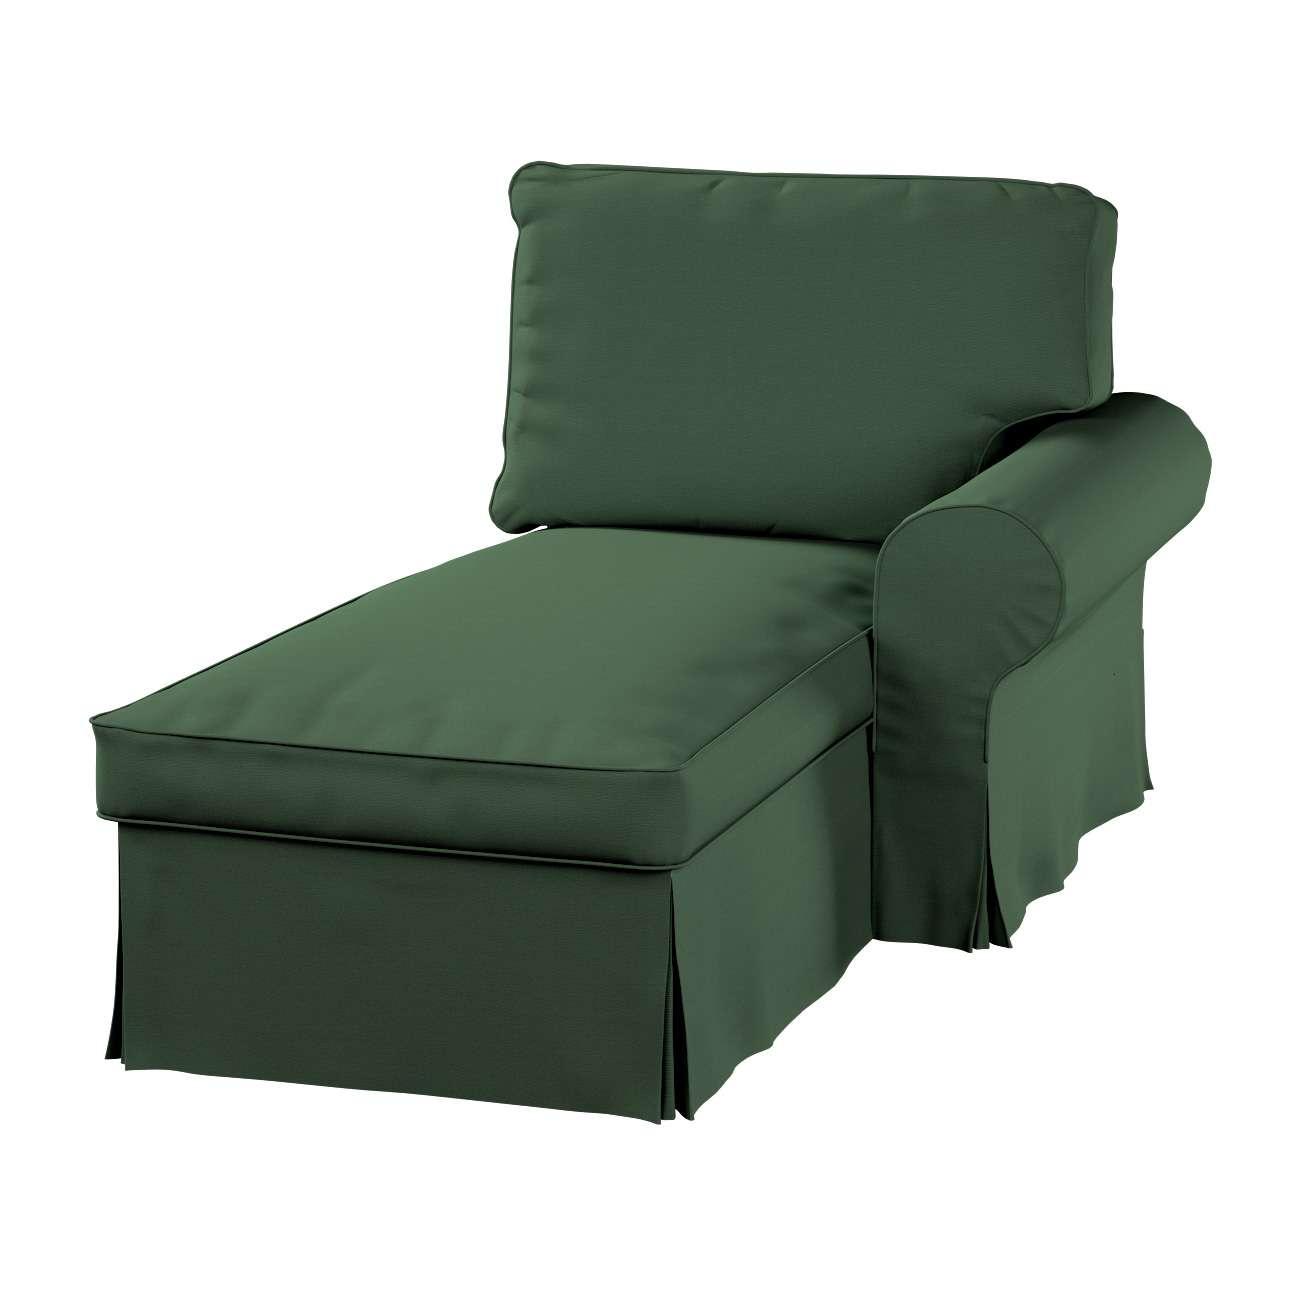 Ektorp gulimajo krėslo užvalkalas  (su porankiu, dešiniojo) Ektorp gulimojo krėslo užvalkalas su porankiu (dešiniojo) kolekcijoje Cotton Panama, audinys: 702-06